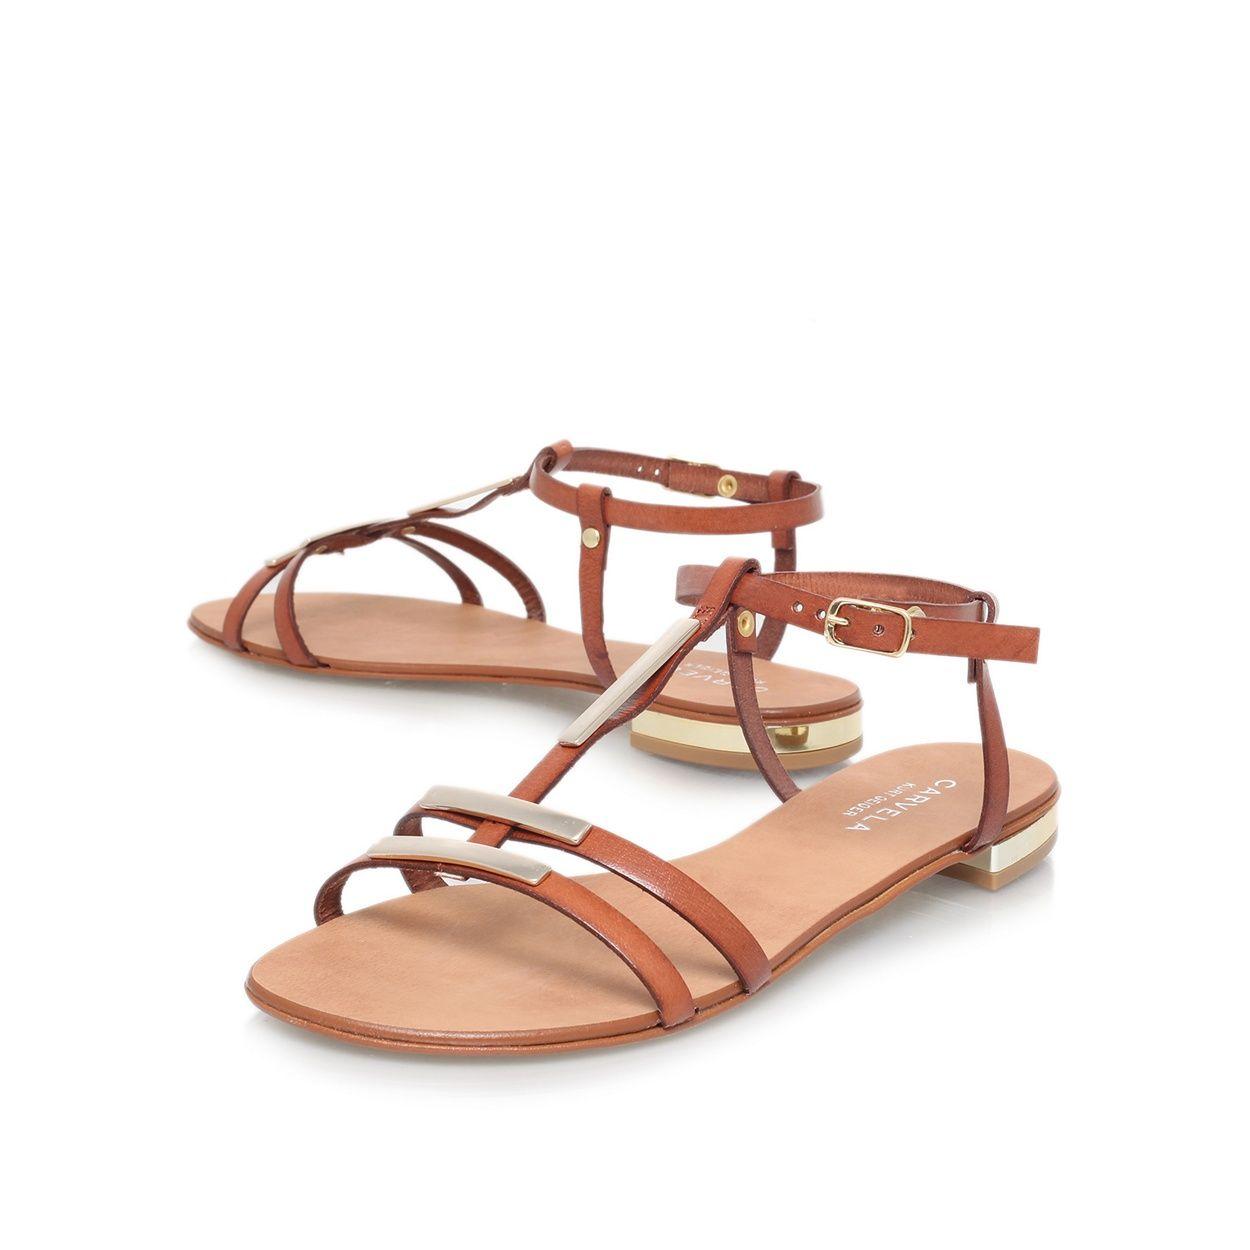 Black sandals debenhams - Carvela Tan Kinetic Flat Sandals At Debenhams Com